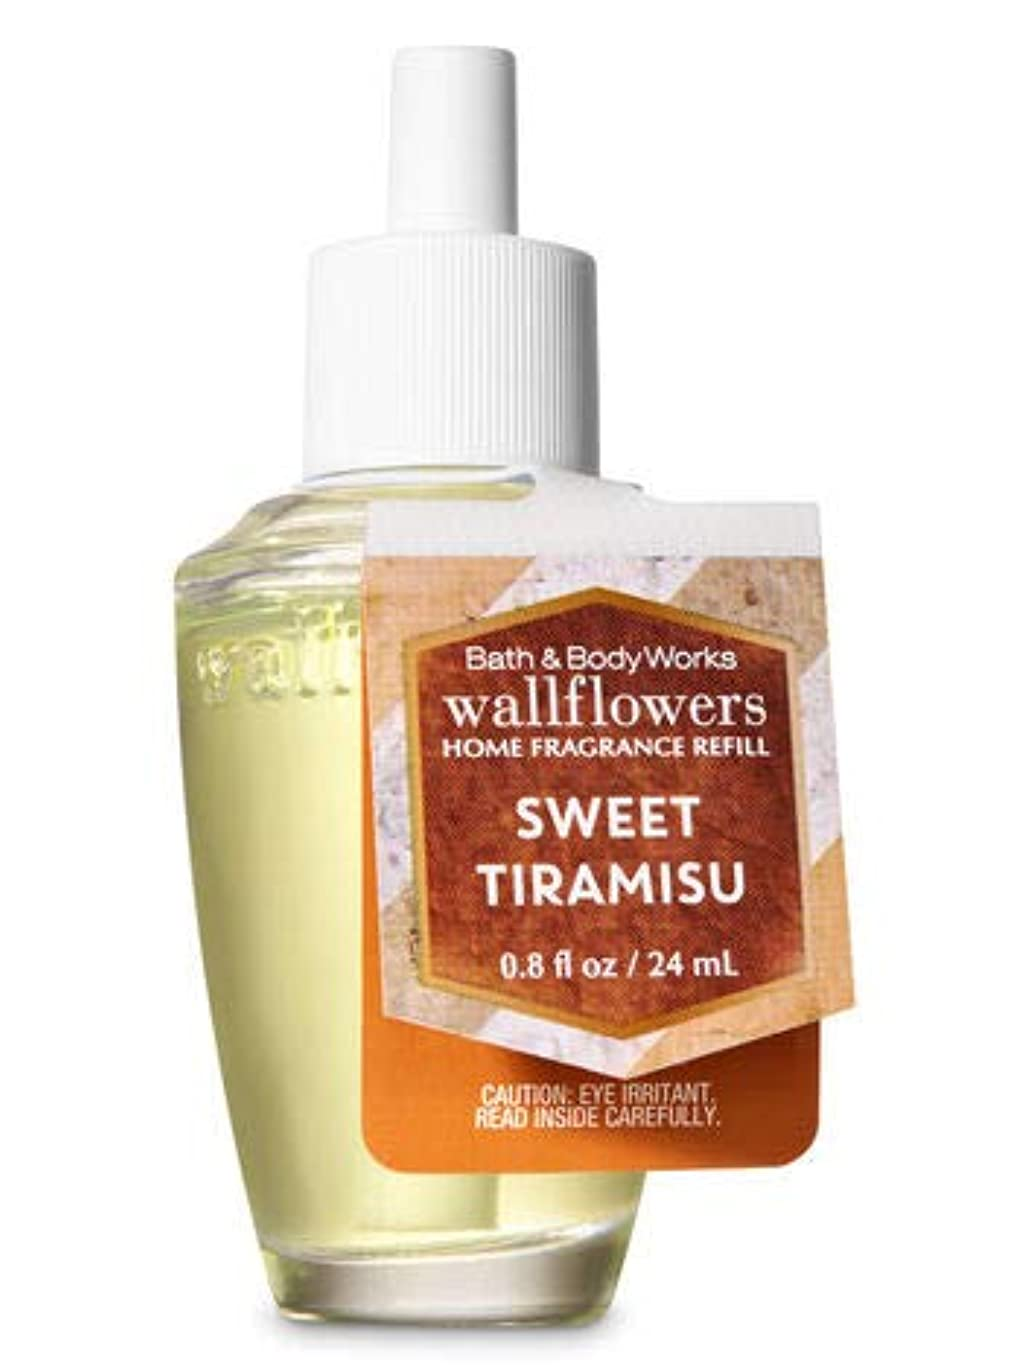 リクルート気を散らす警戒【Bath&Body Works/バス&ボディワークス】 ルームフレグランス 詰替えリフィル スイートティラミス Wallflowers Home Fragrance Refill Sweet Tiramisu [並行輸入品]